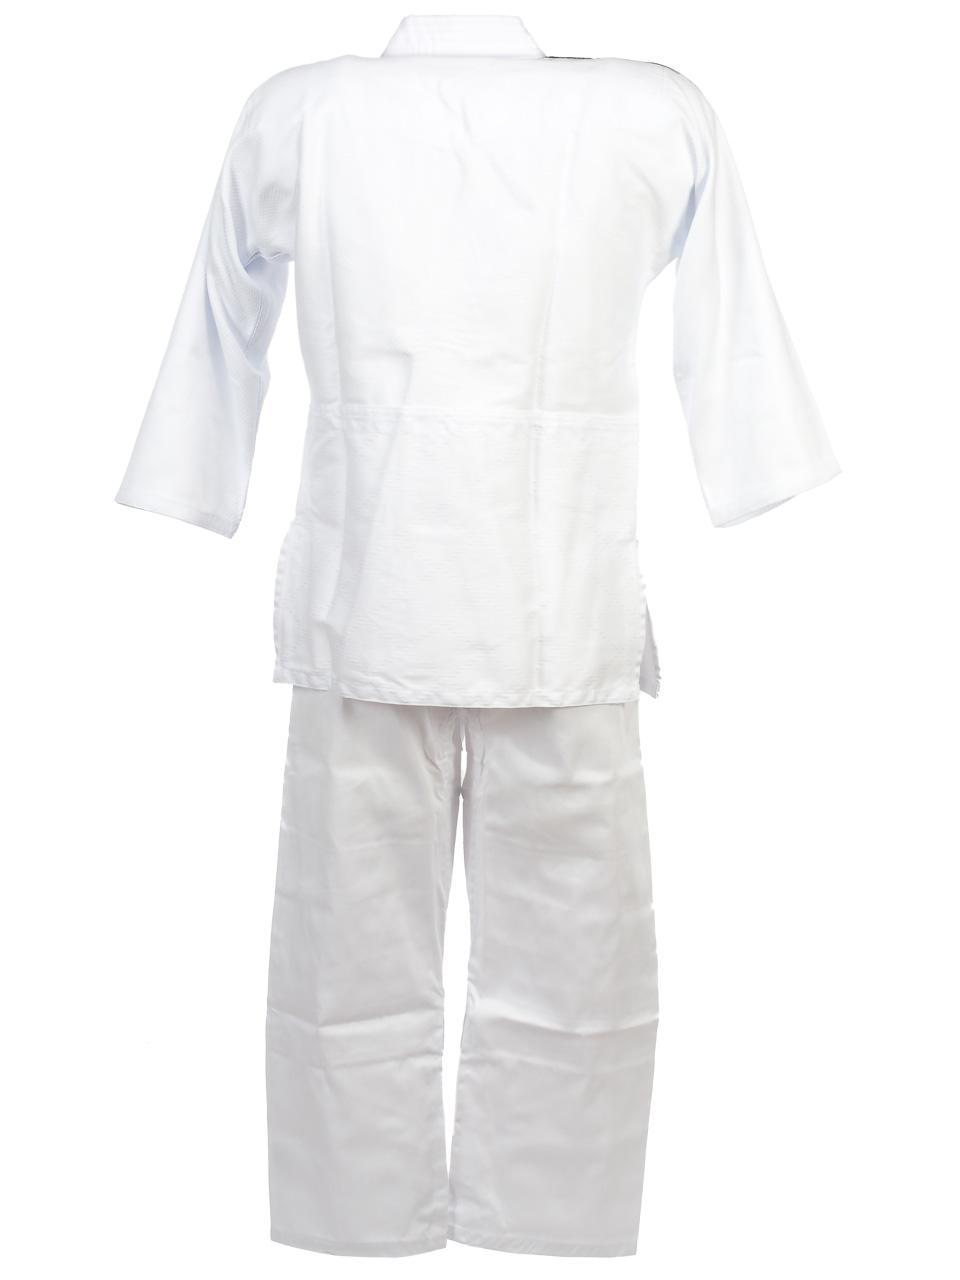 Judo-Kimono-Adidas-Club-White-Judo-Jr-White-23071-New thumbnail 4